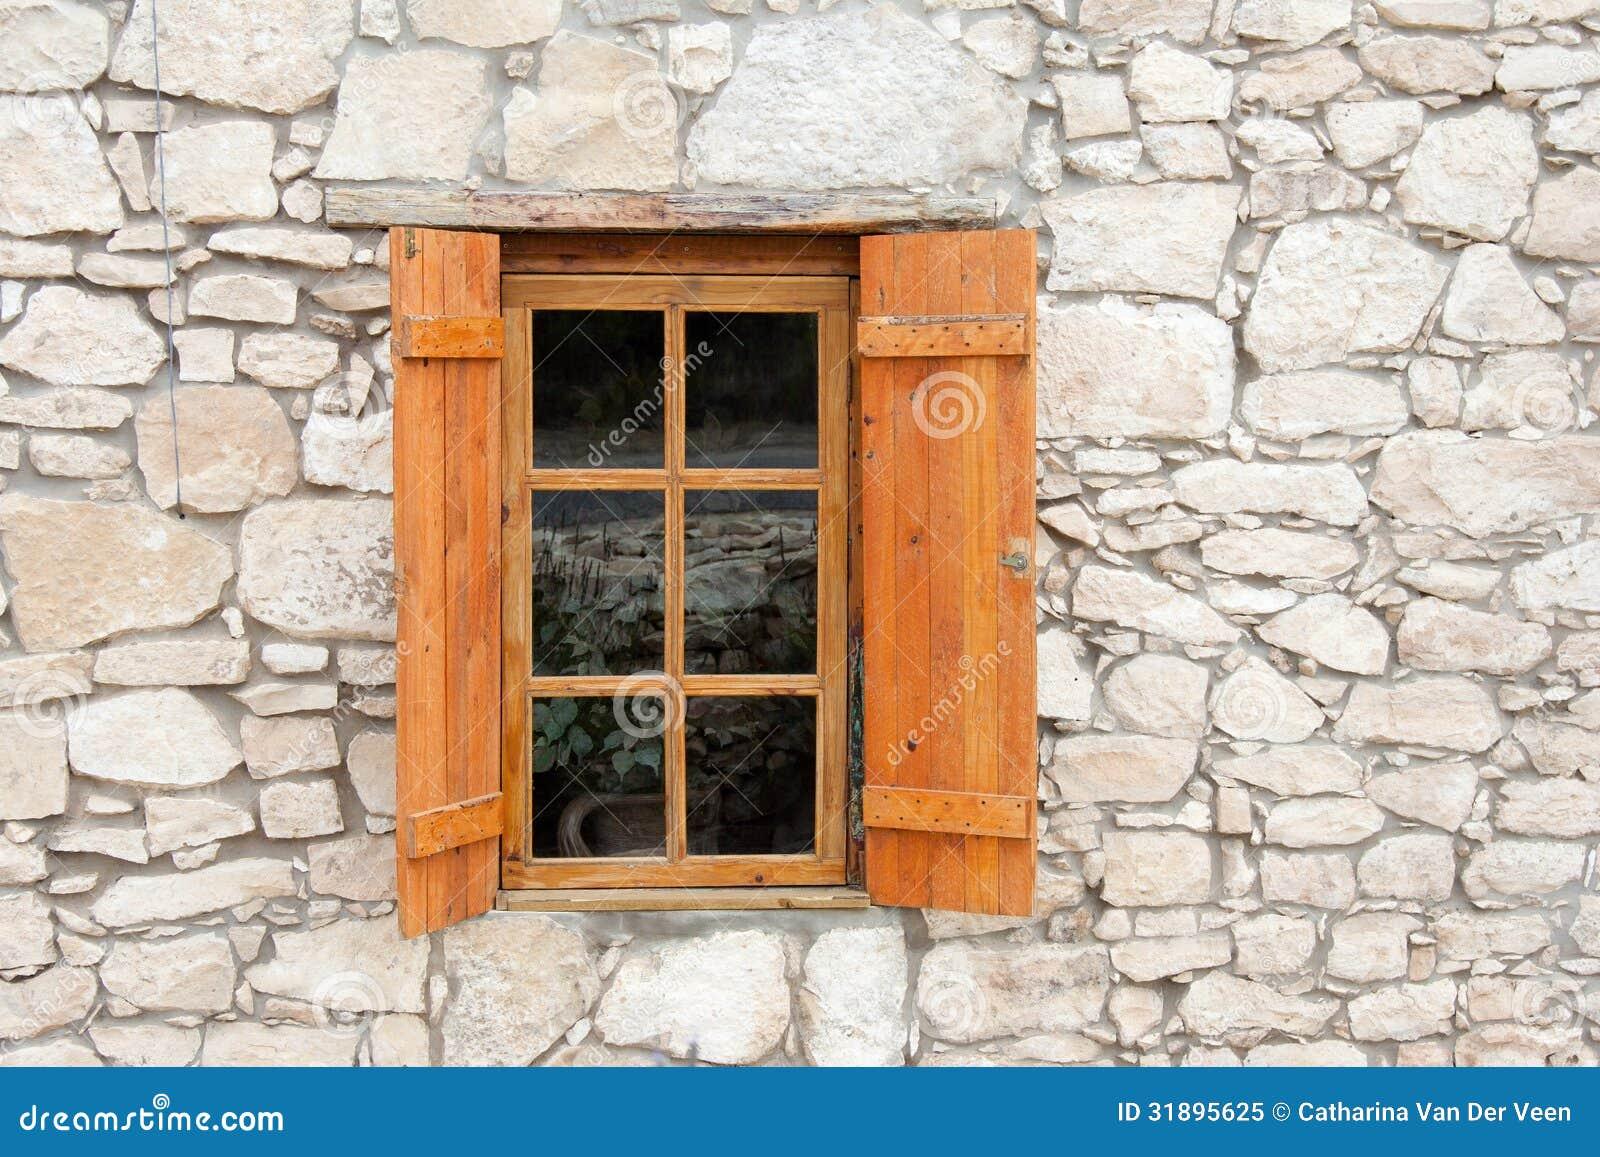 #85A724 de Stock Royalty Free: Janela e obturadores de madeira na parede de  830 Lubrificante Para Janela De Madeira